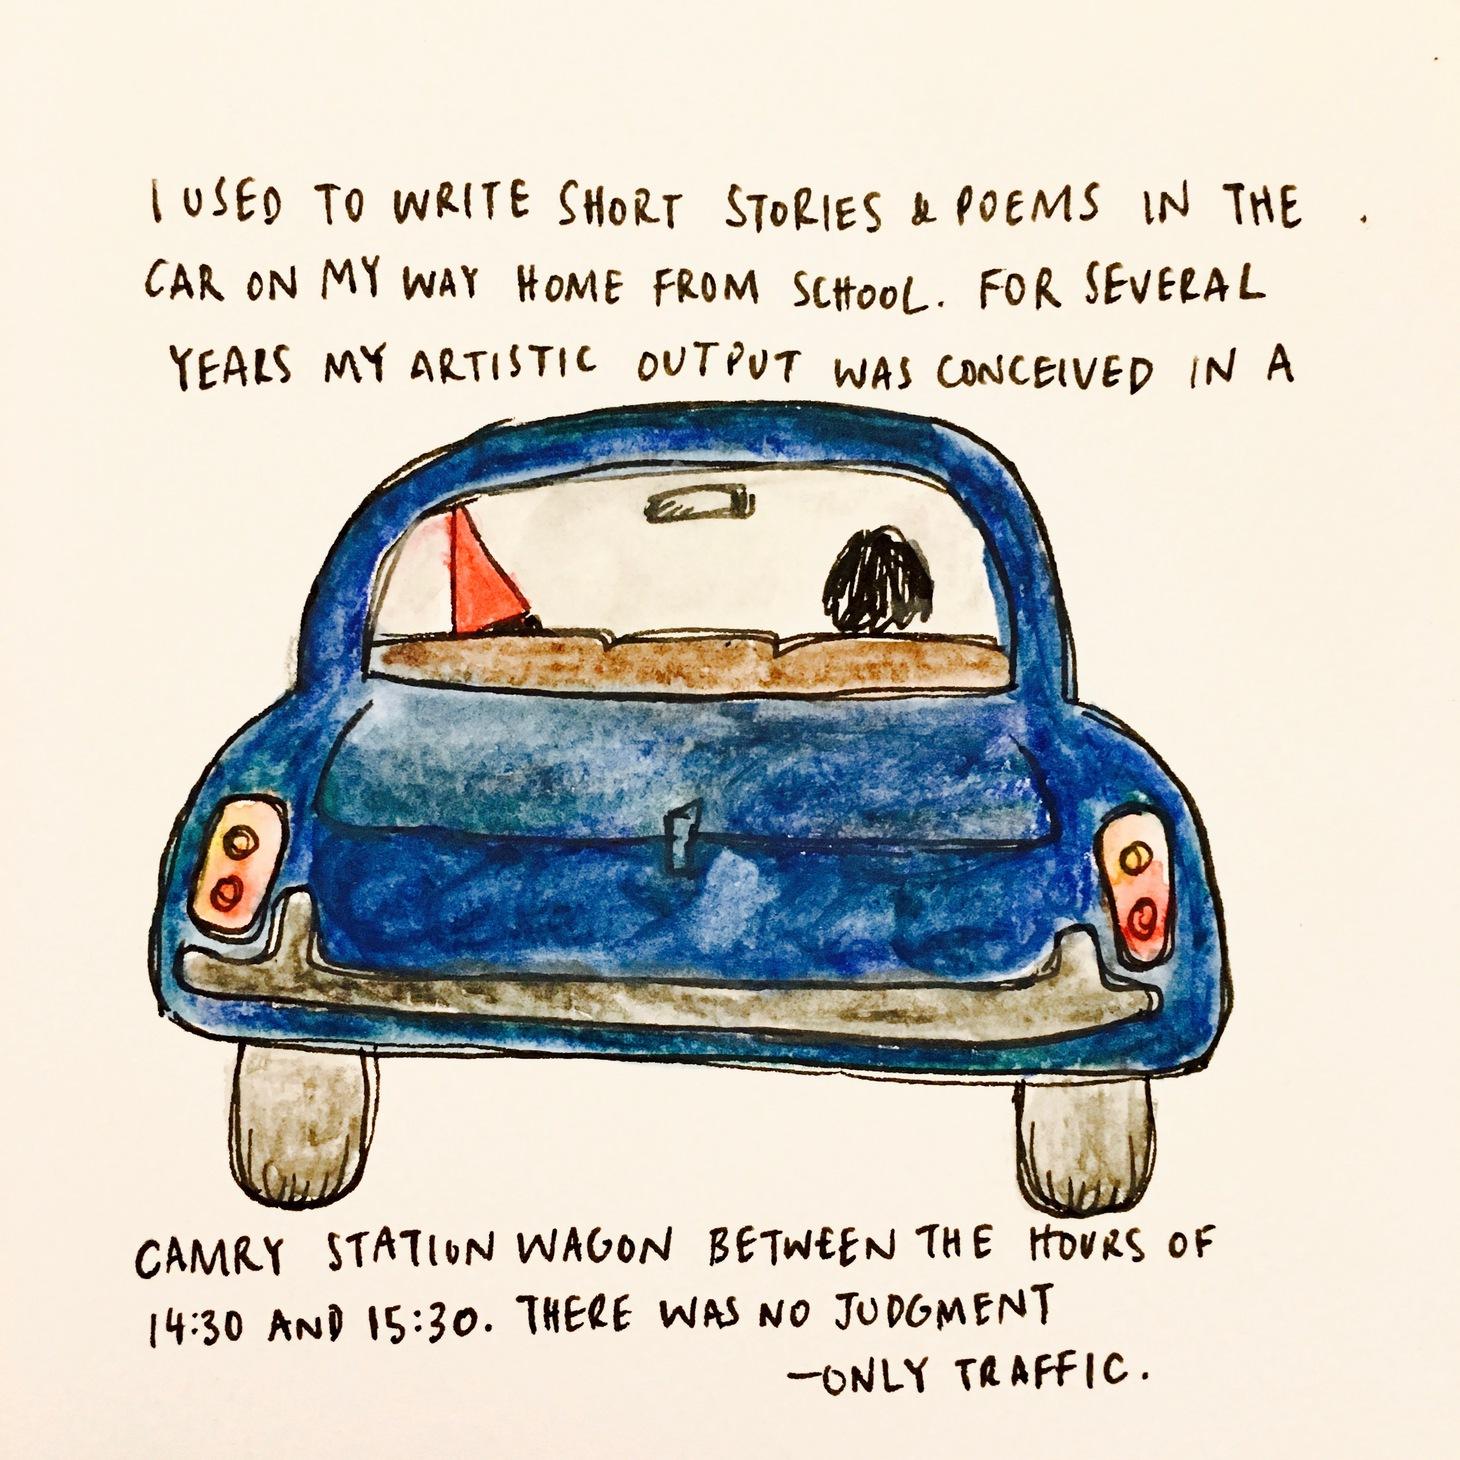 short-stories-car.jpg-thumb-special.jpg